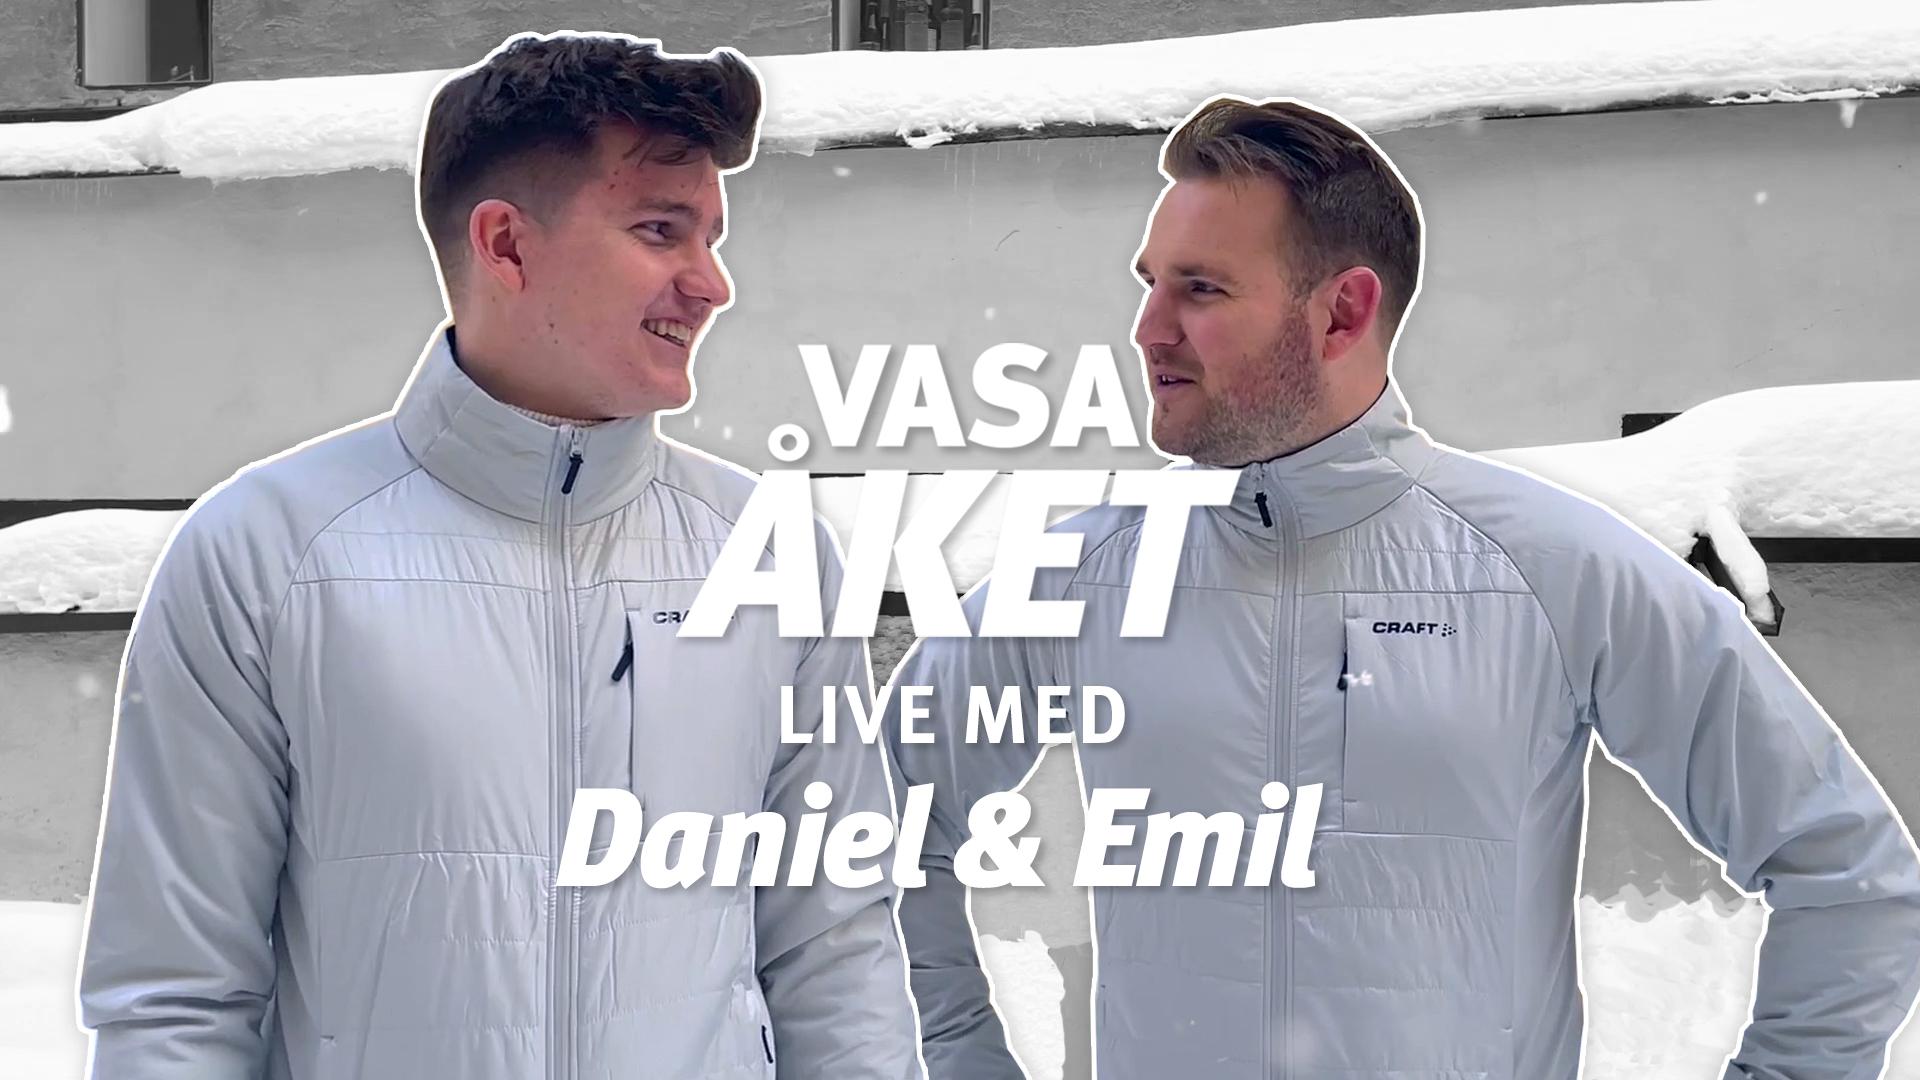 Vasaåket Live med Daniel & Emil